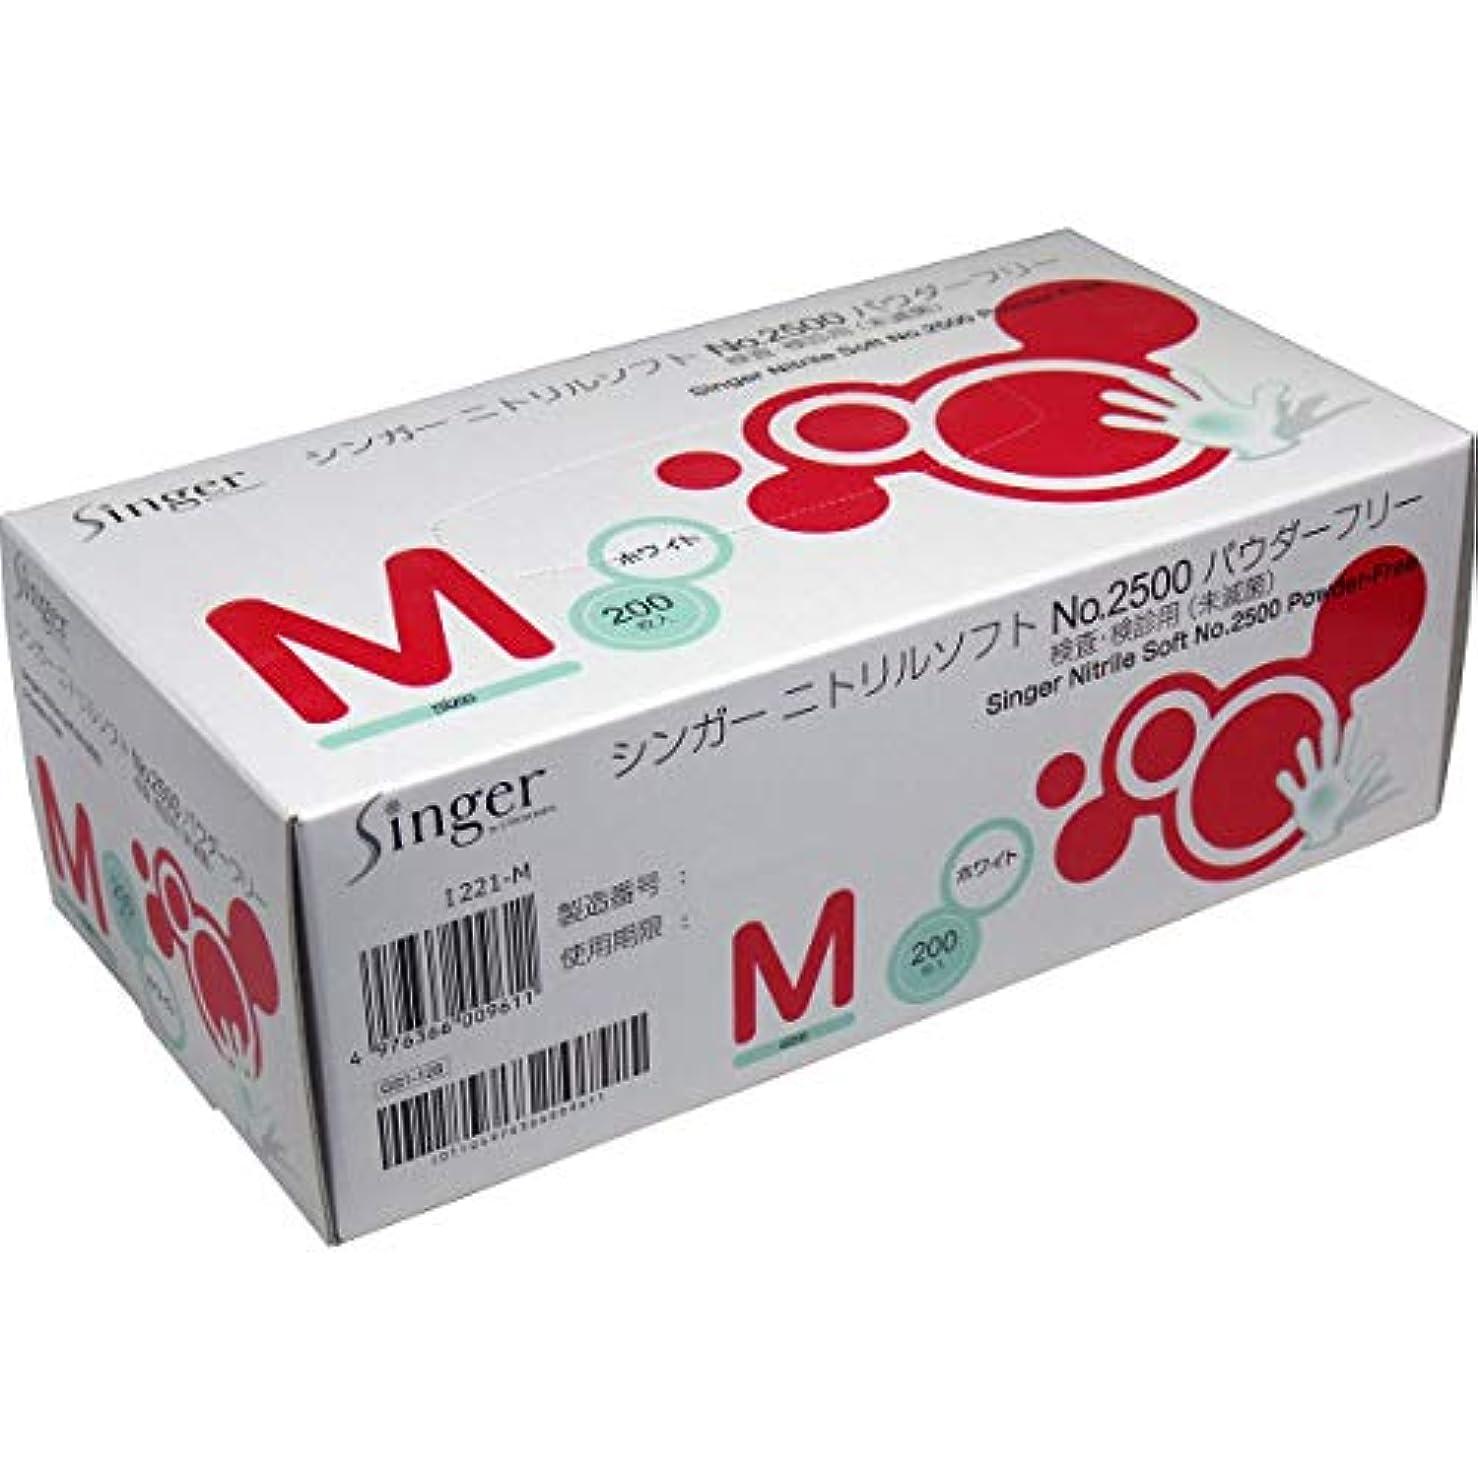 シンガーニトリルソフト No.2500 パウダーフリー ホワイト Mサイズ 200枚入×2個セット